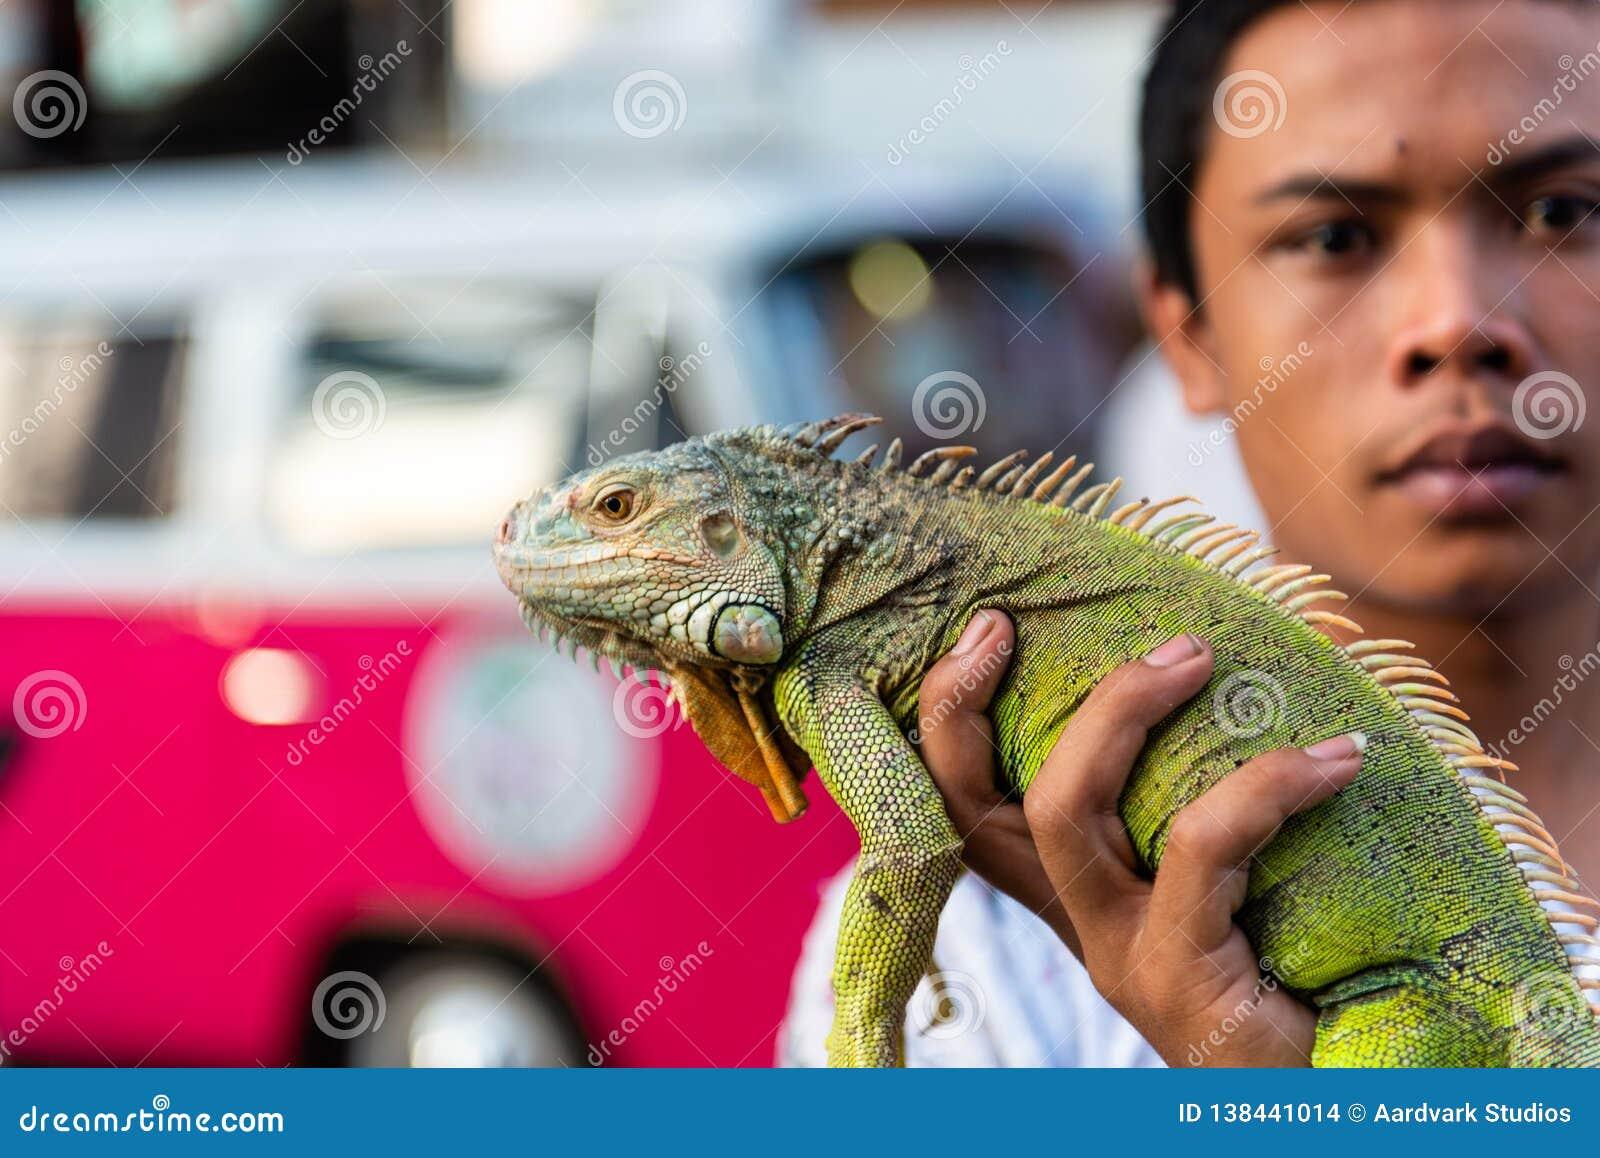 Ταϊλανδική σαύρα iguana εκμετάλλευσης ατόμων